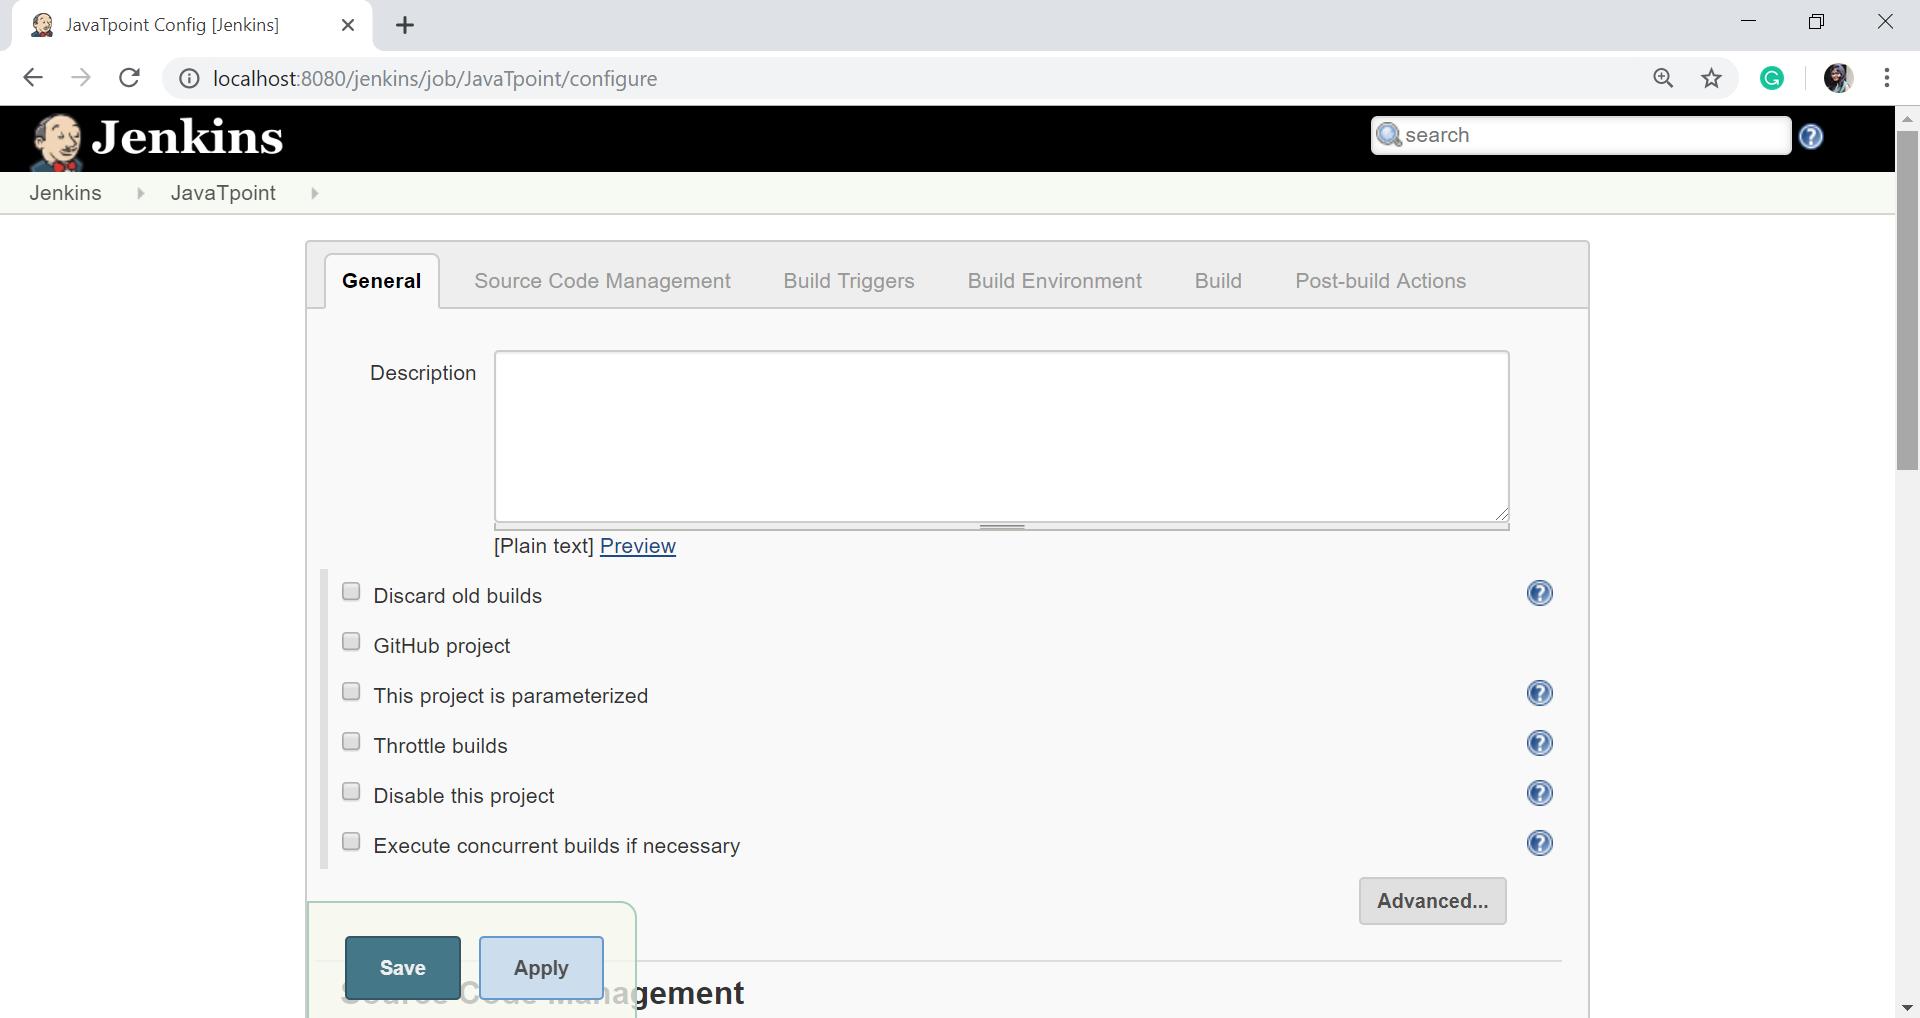 GitHub Setup for Jenkins